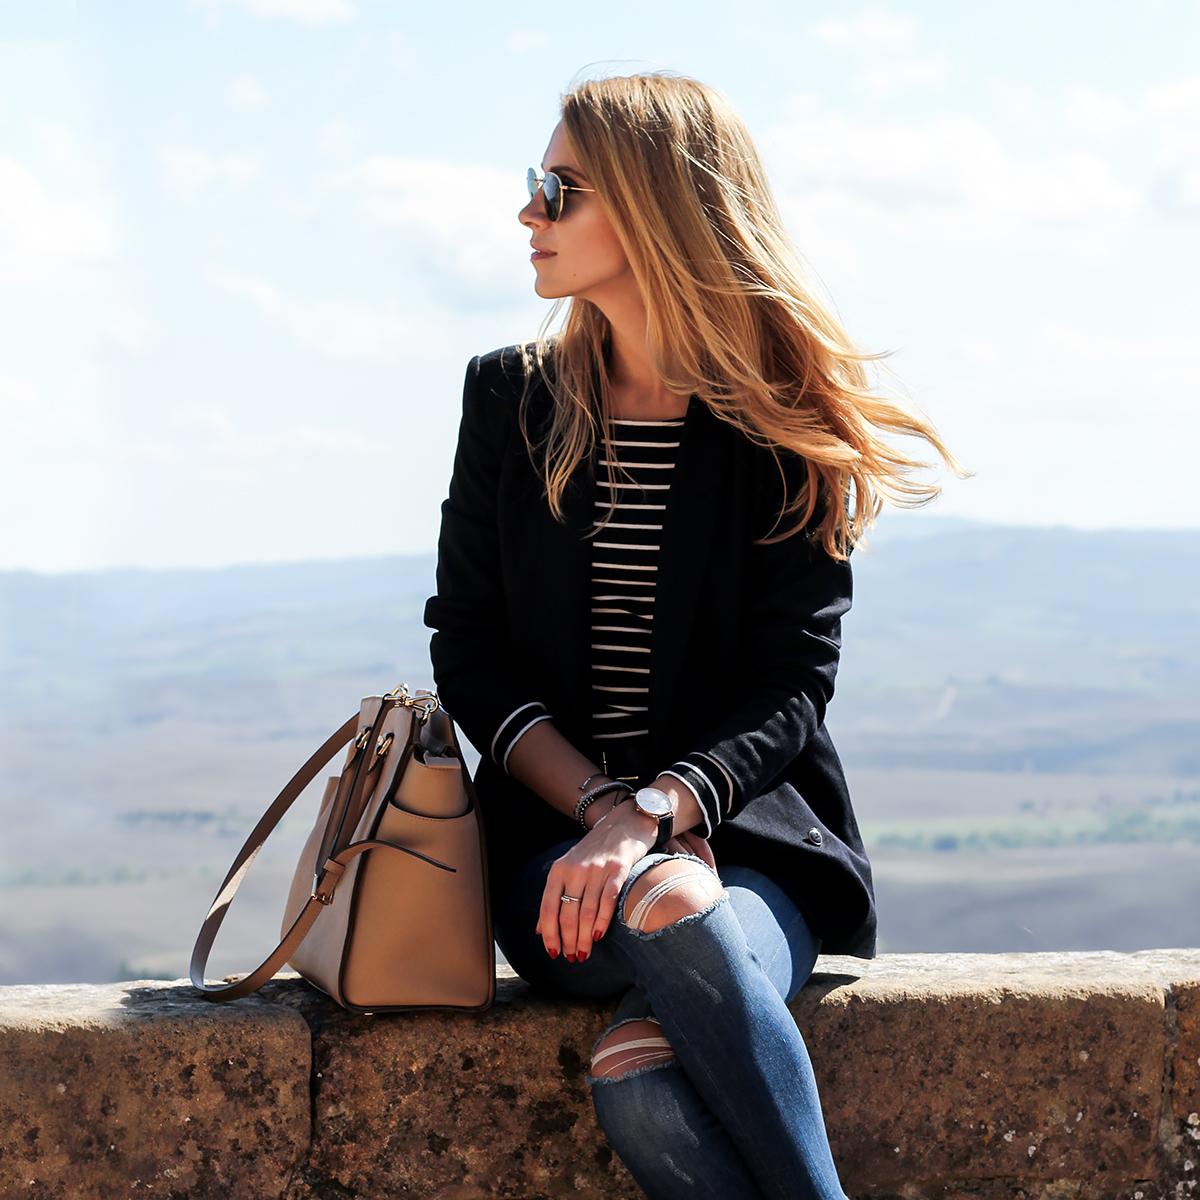 Karamode - fashion, travel and lifestyle blog based in Italy